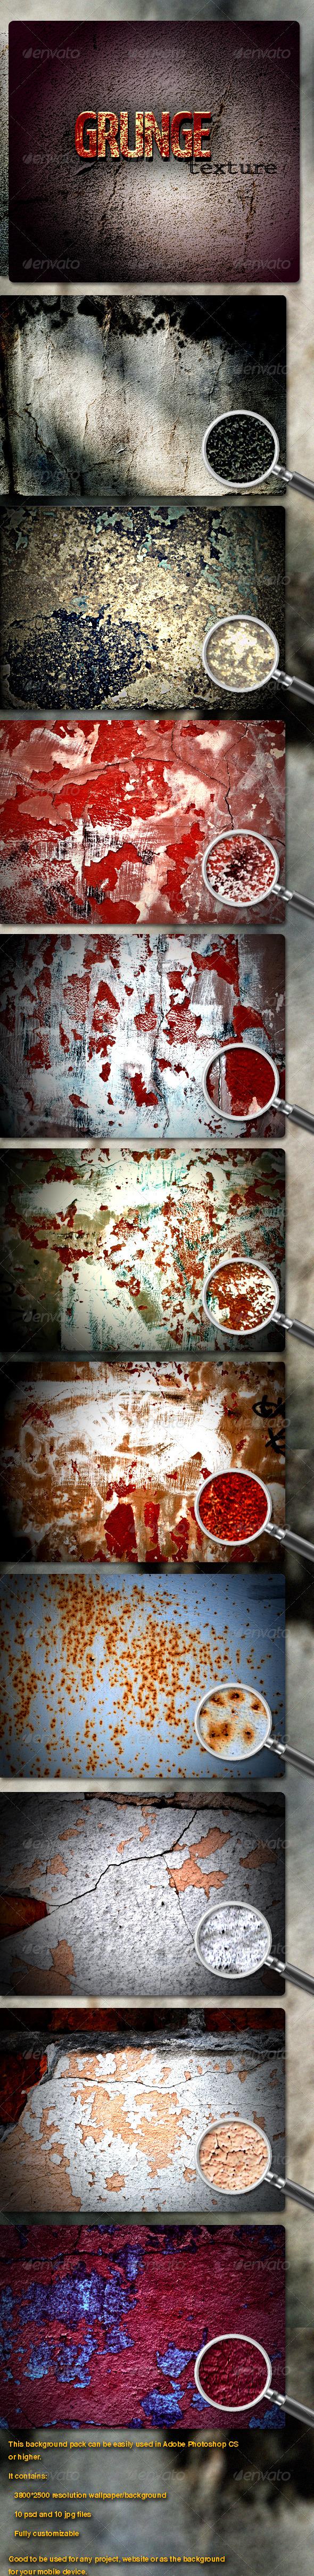 10 Grunge Textures - Industrial / Grunge Textures